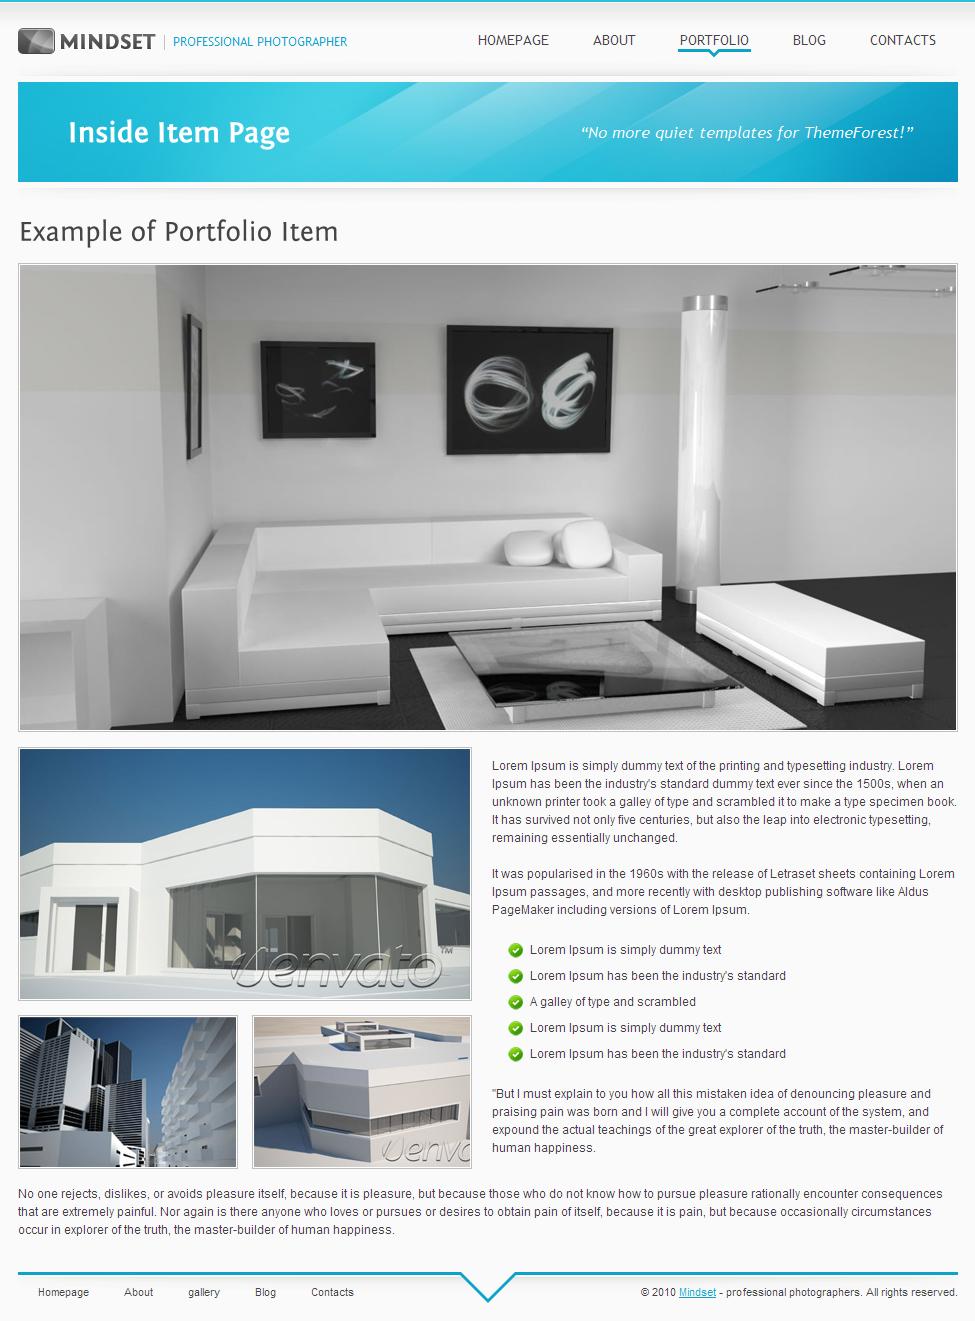 Mindset - HTML Portfolio, Magazine template by Valuediz | ThemeForest